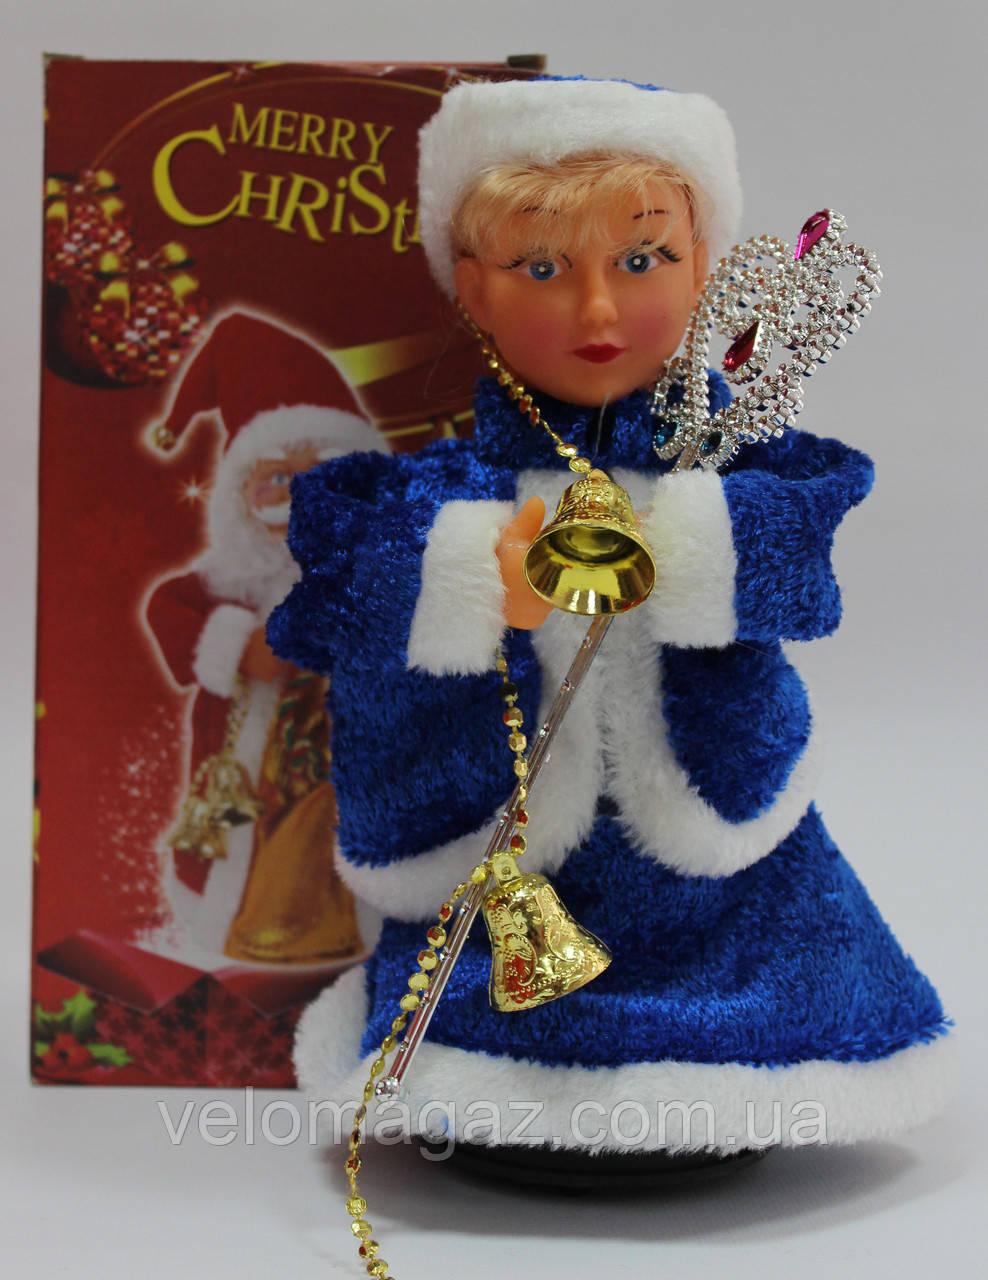 Снегурочка музыкальная, 24 см, поздравления, песня, синий цвет